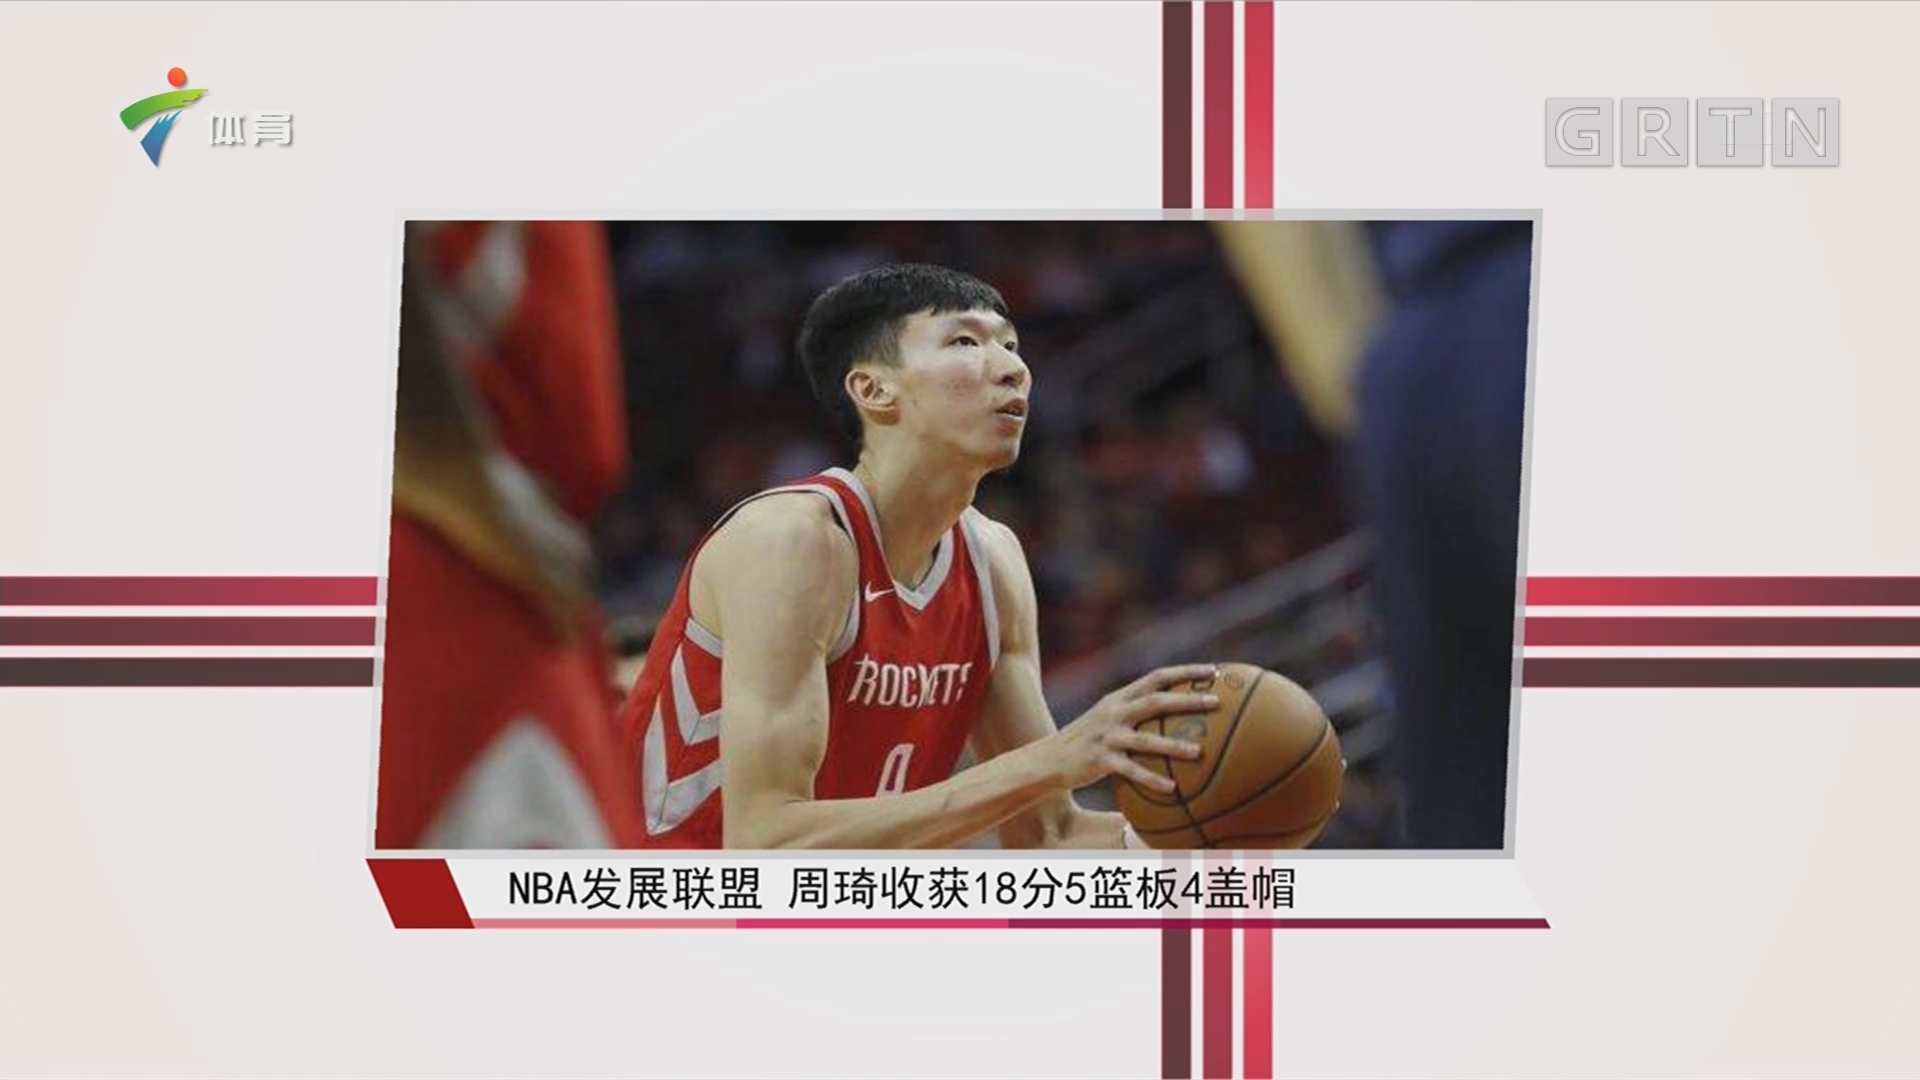 NBA发展联盟 周琦收获18分5篮板4盖帽